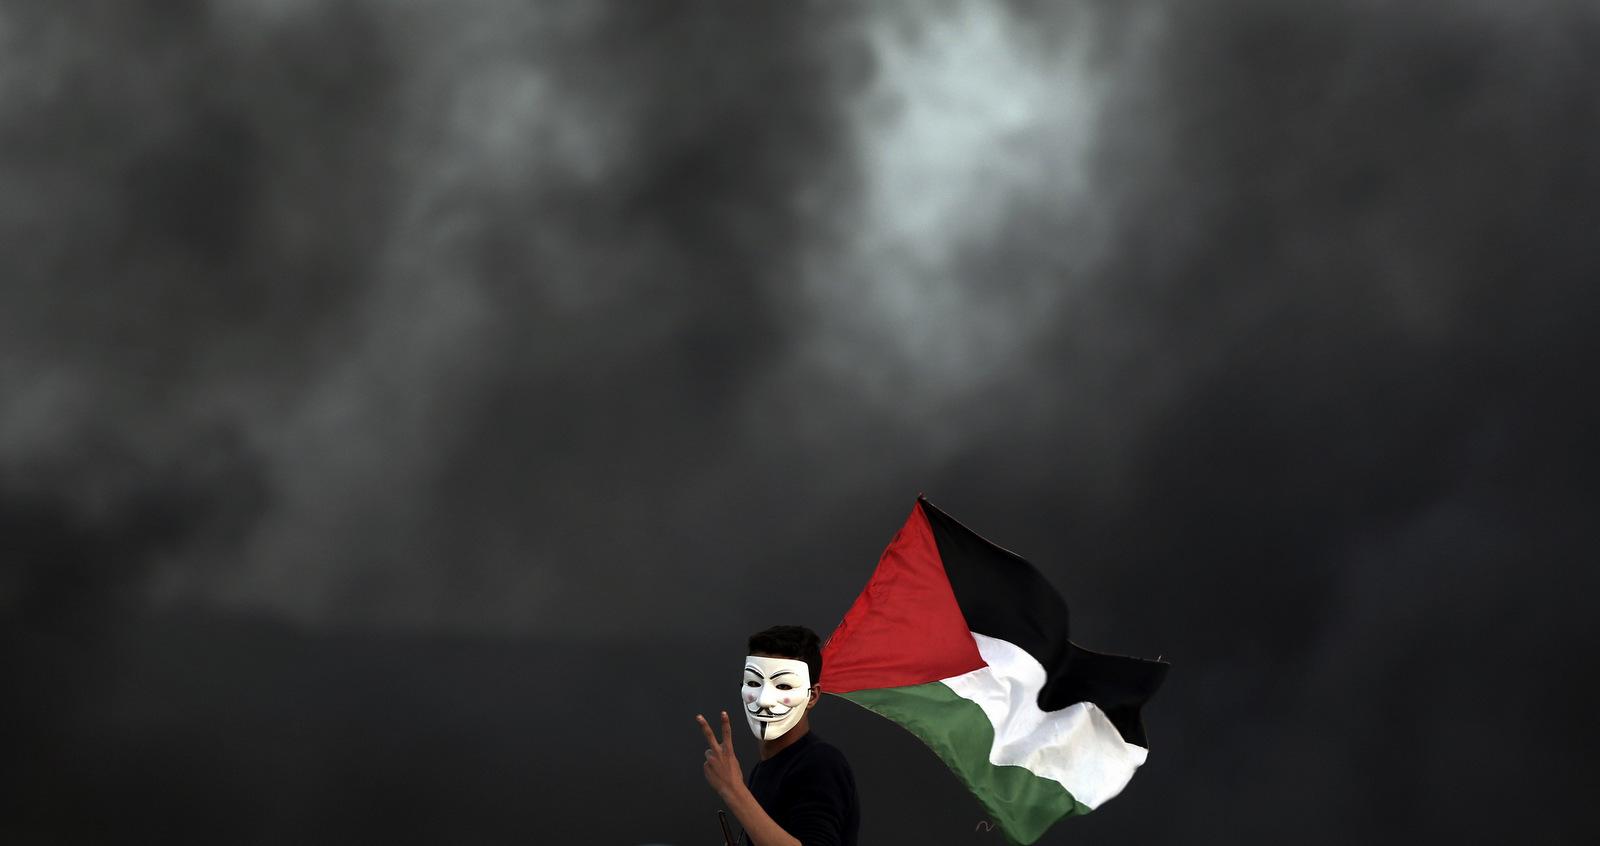 التطبيع الإماراتي الإسرائيلي يترسّخ ثقافياً